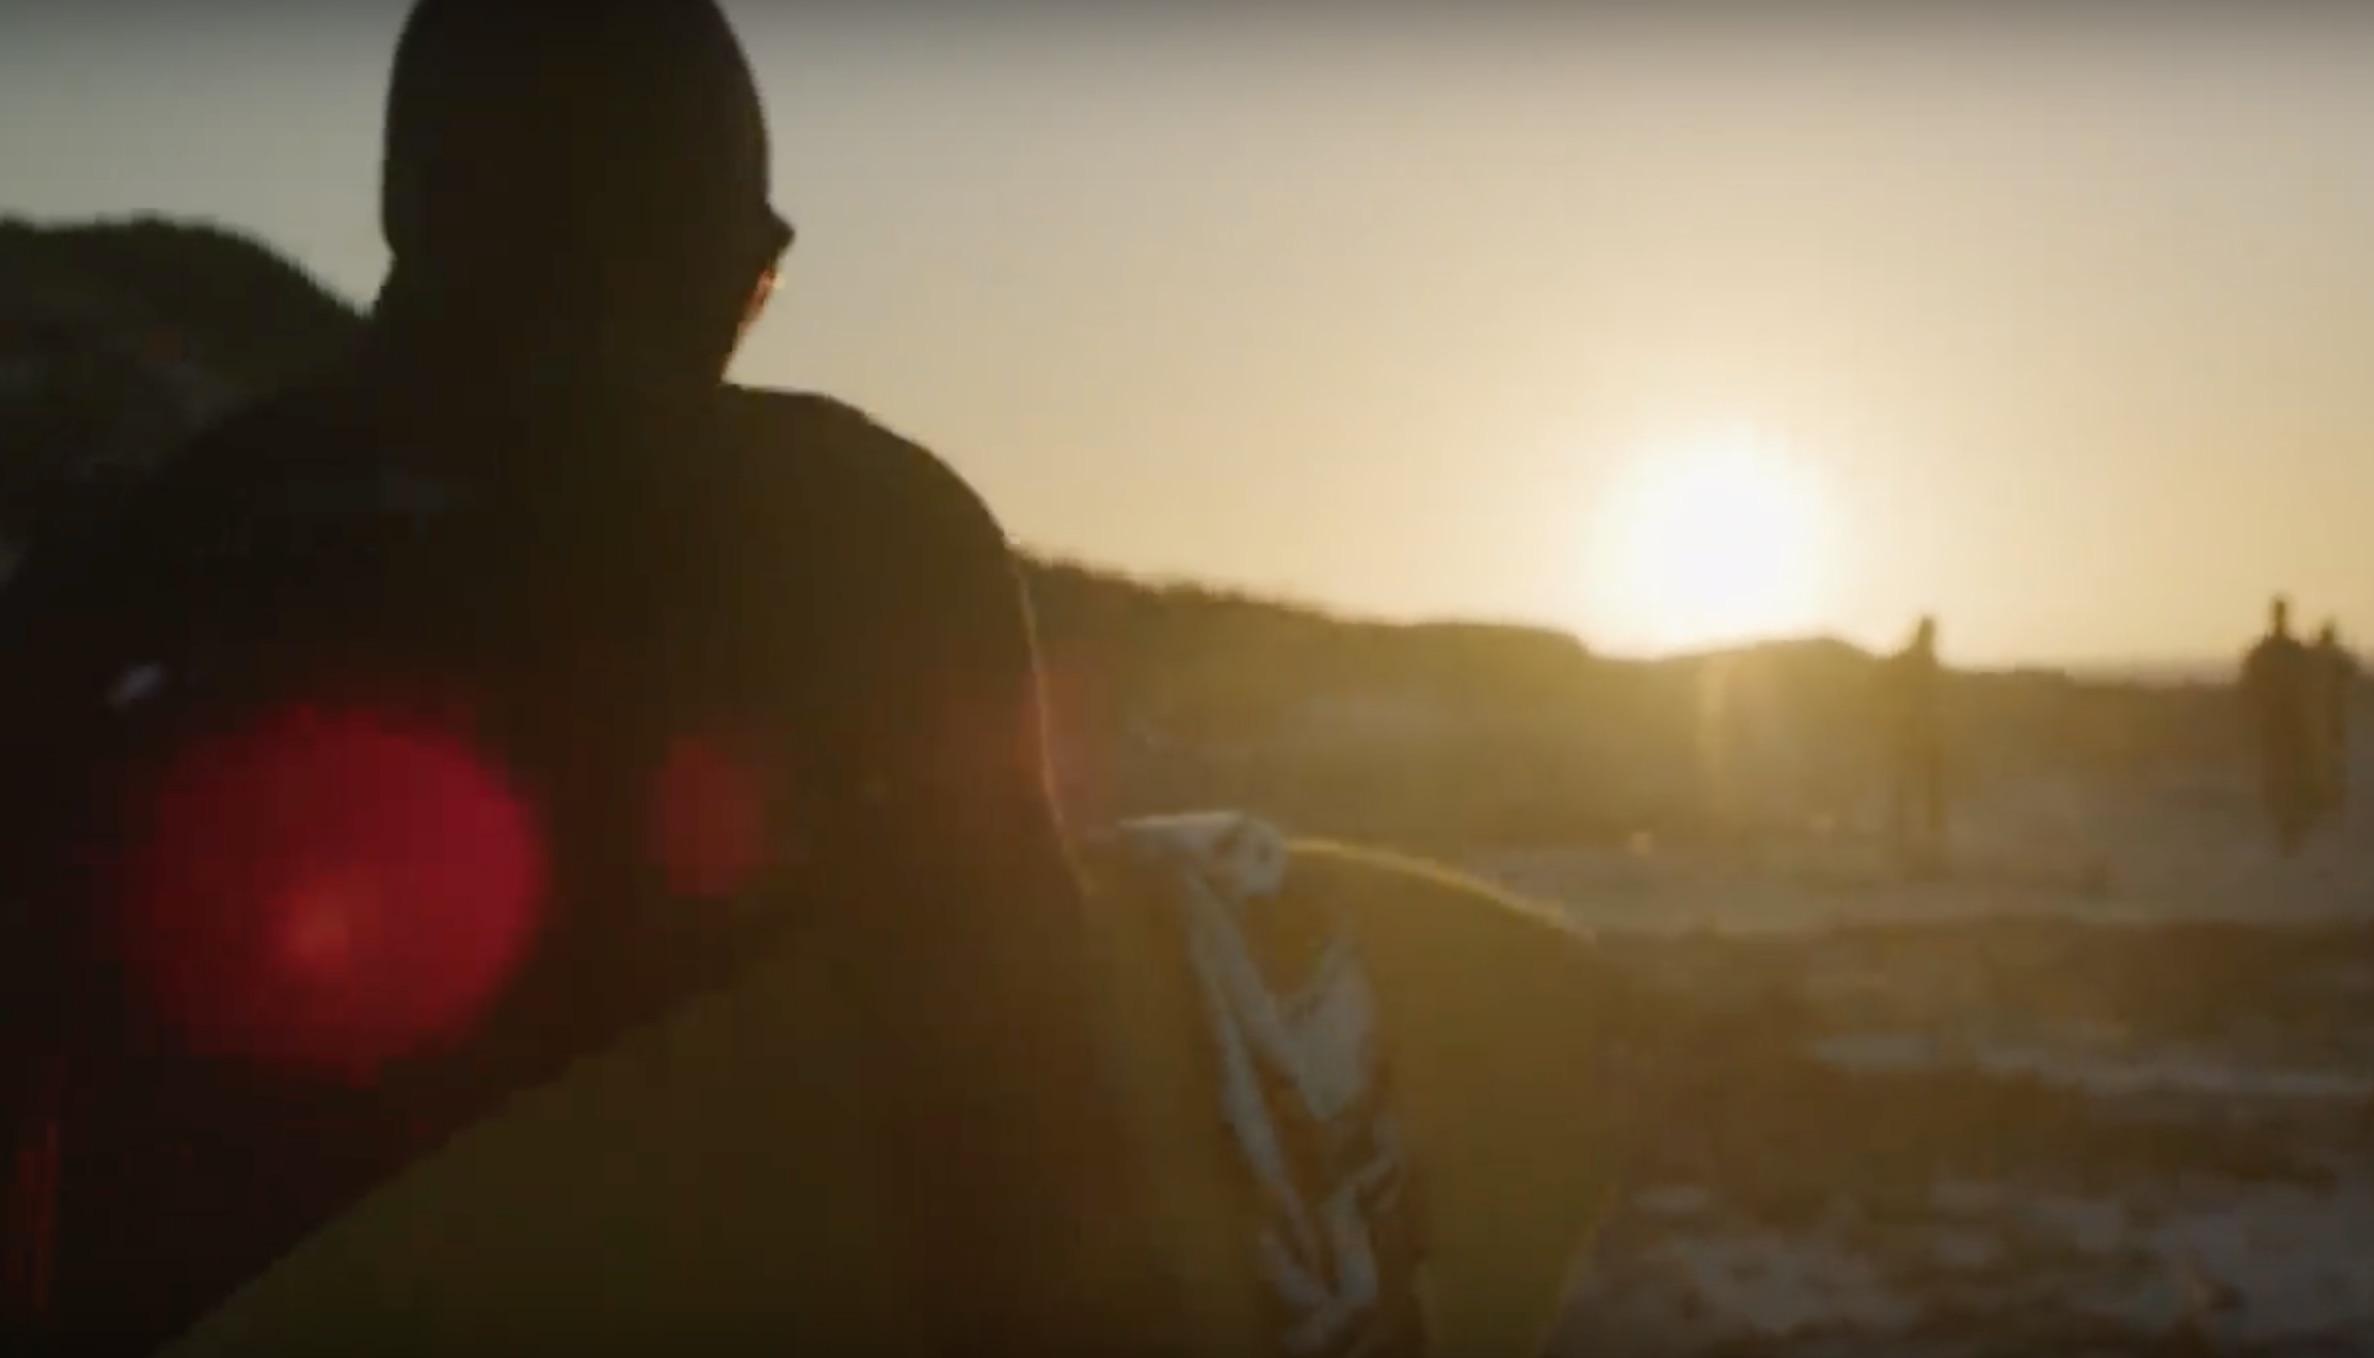 【ロードトリップ】Taj Burrow、Shawn Manner、Jaleesa Vincentたちが南アフリカを巡るアドベンチャートリップ!